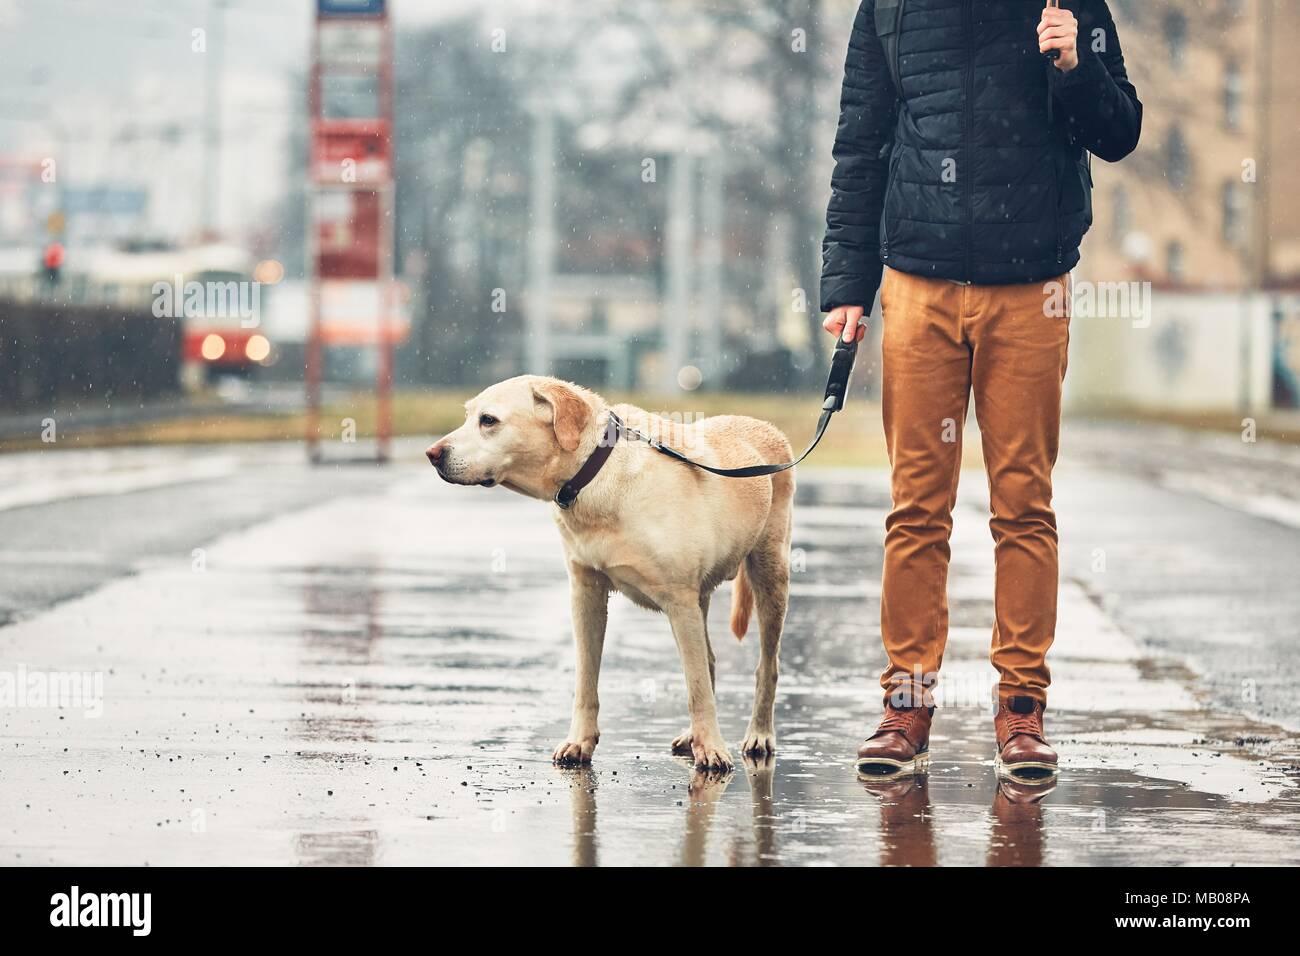 Clima sombrío de la ciudad. El hombre con su perro (labrador retriever) caminando en la lluvia en la calle. Praga, República Checa. Imagen De Stock